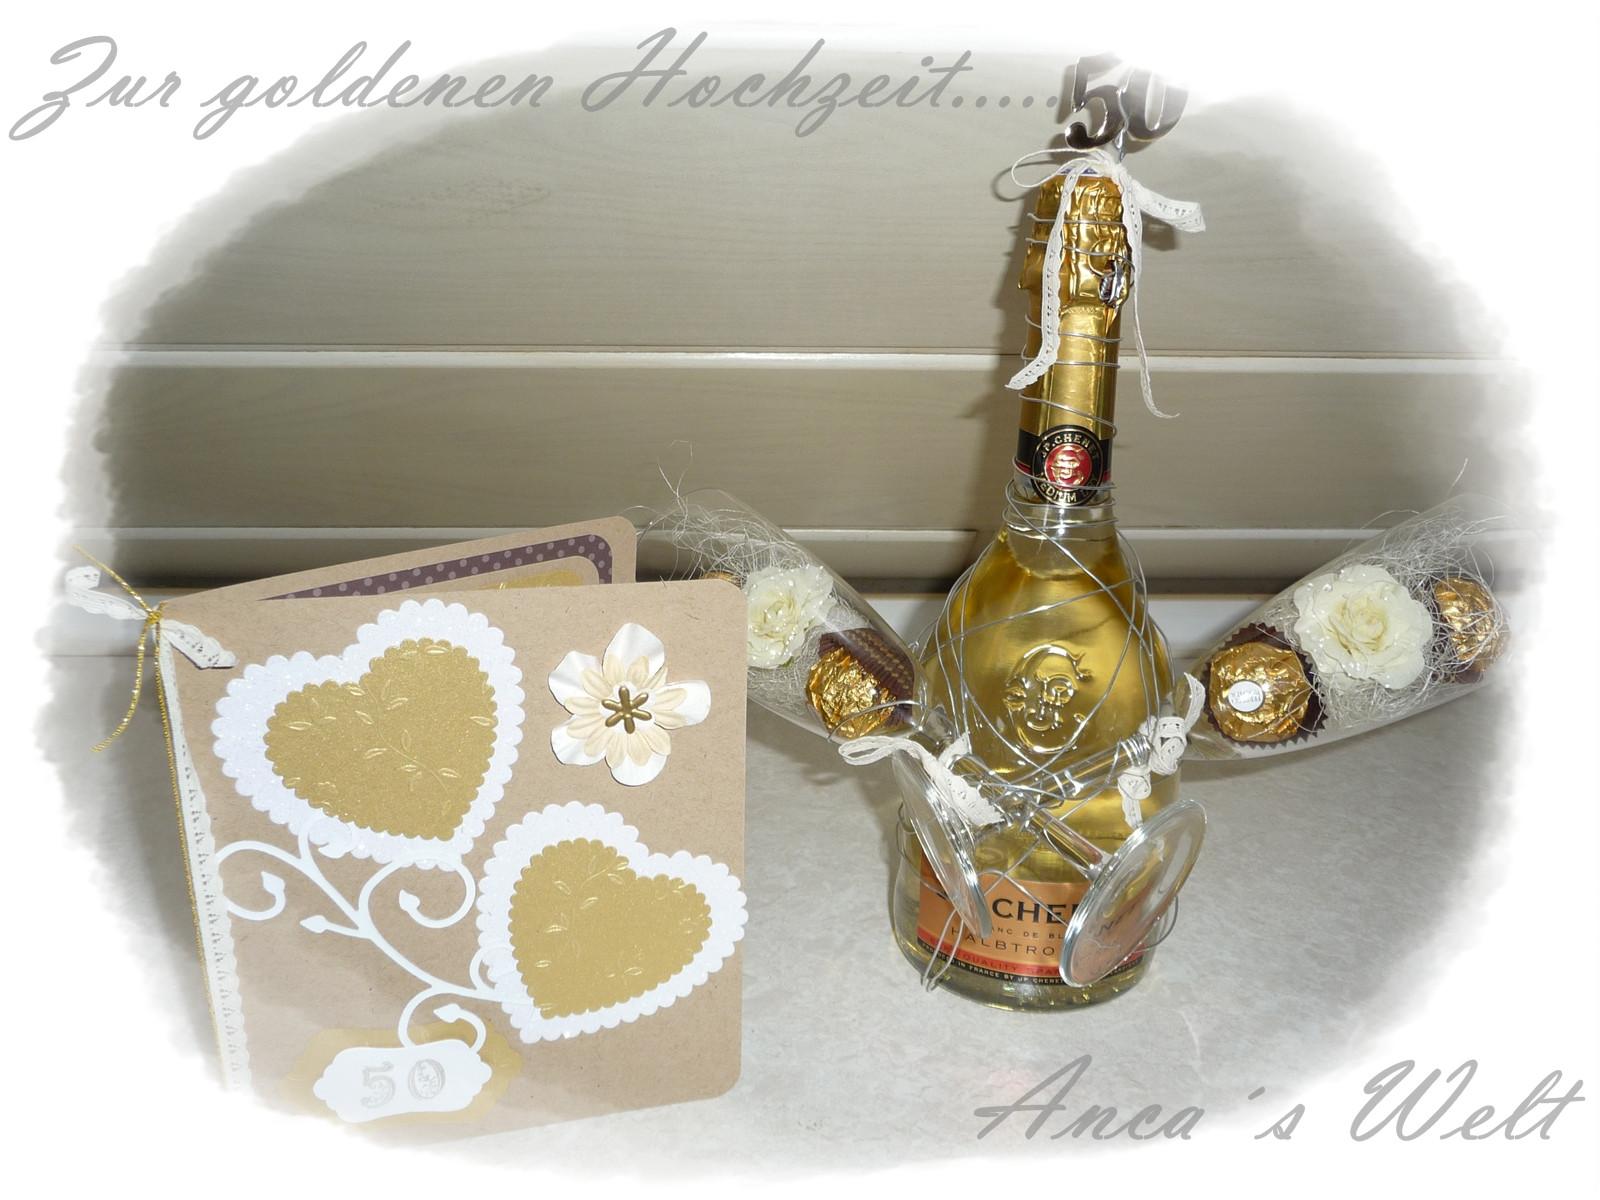 Goldenen Hochzeit  Anca´s Welt Goldene Hochzeit Karte Deko & Co